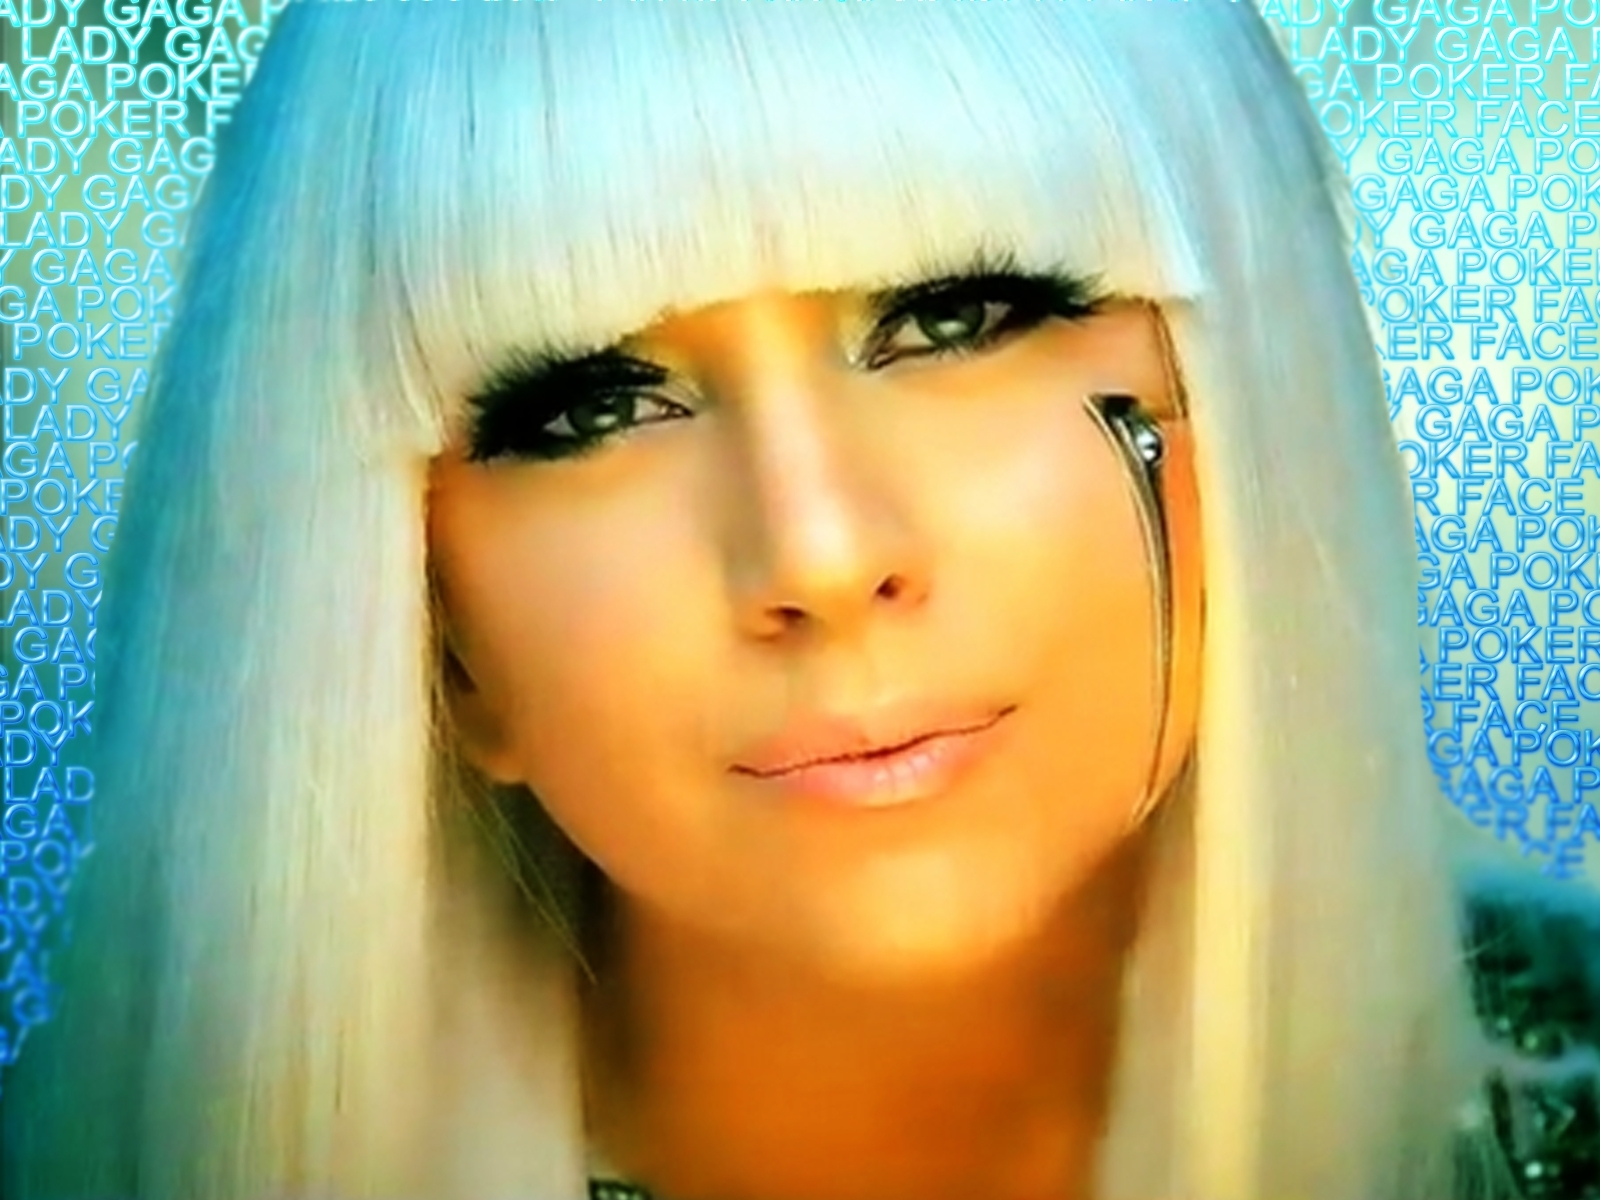 Imagenes de Lady Gaga